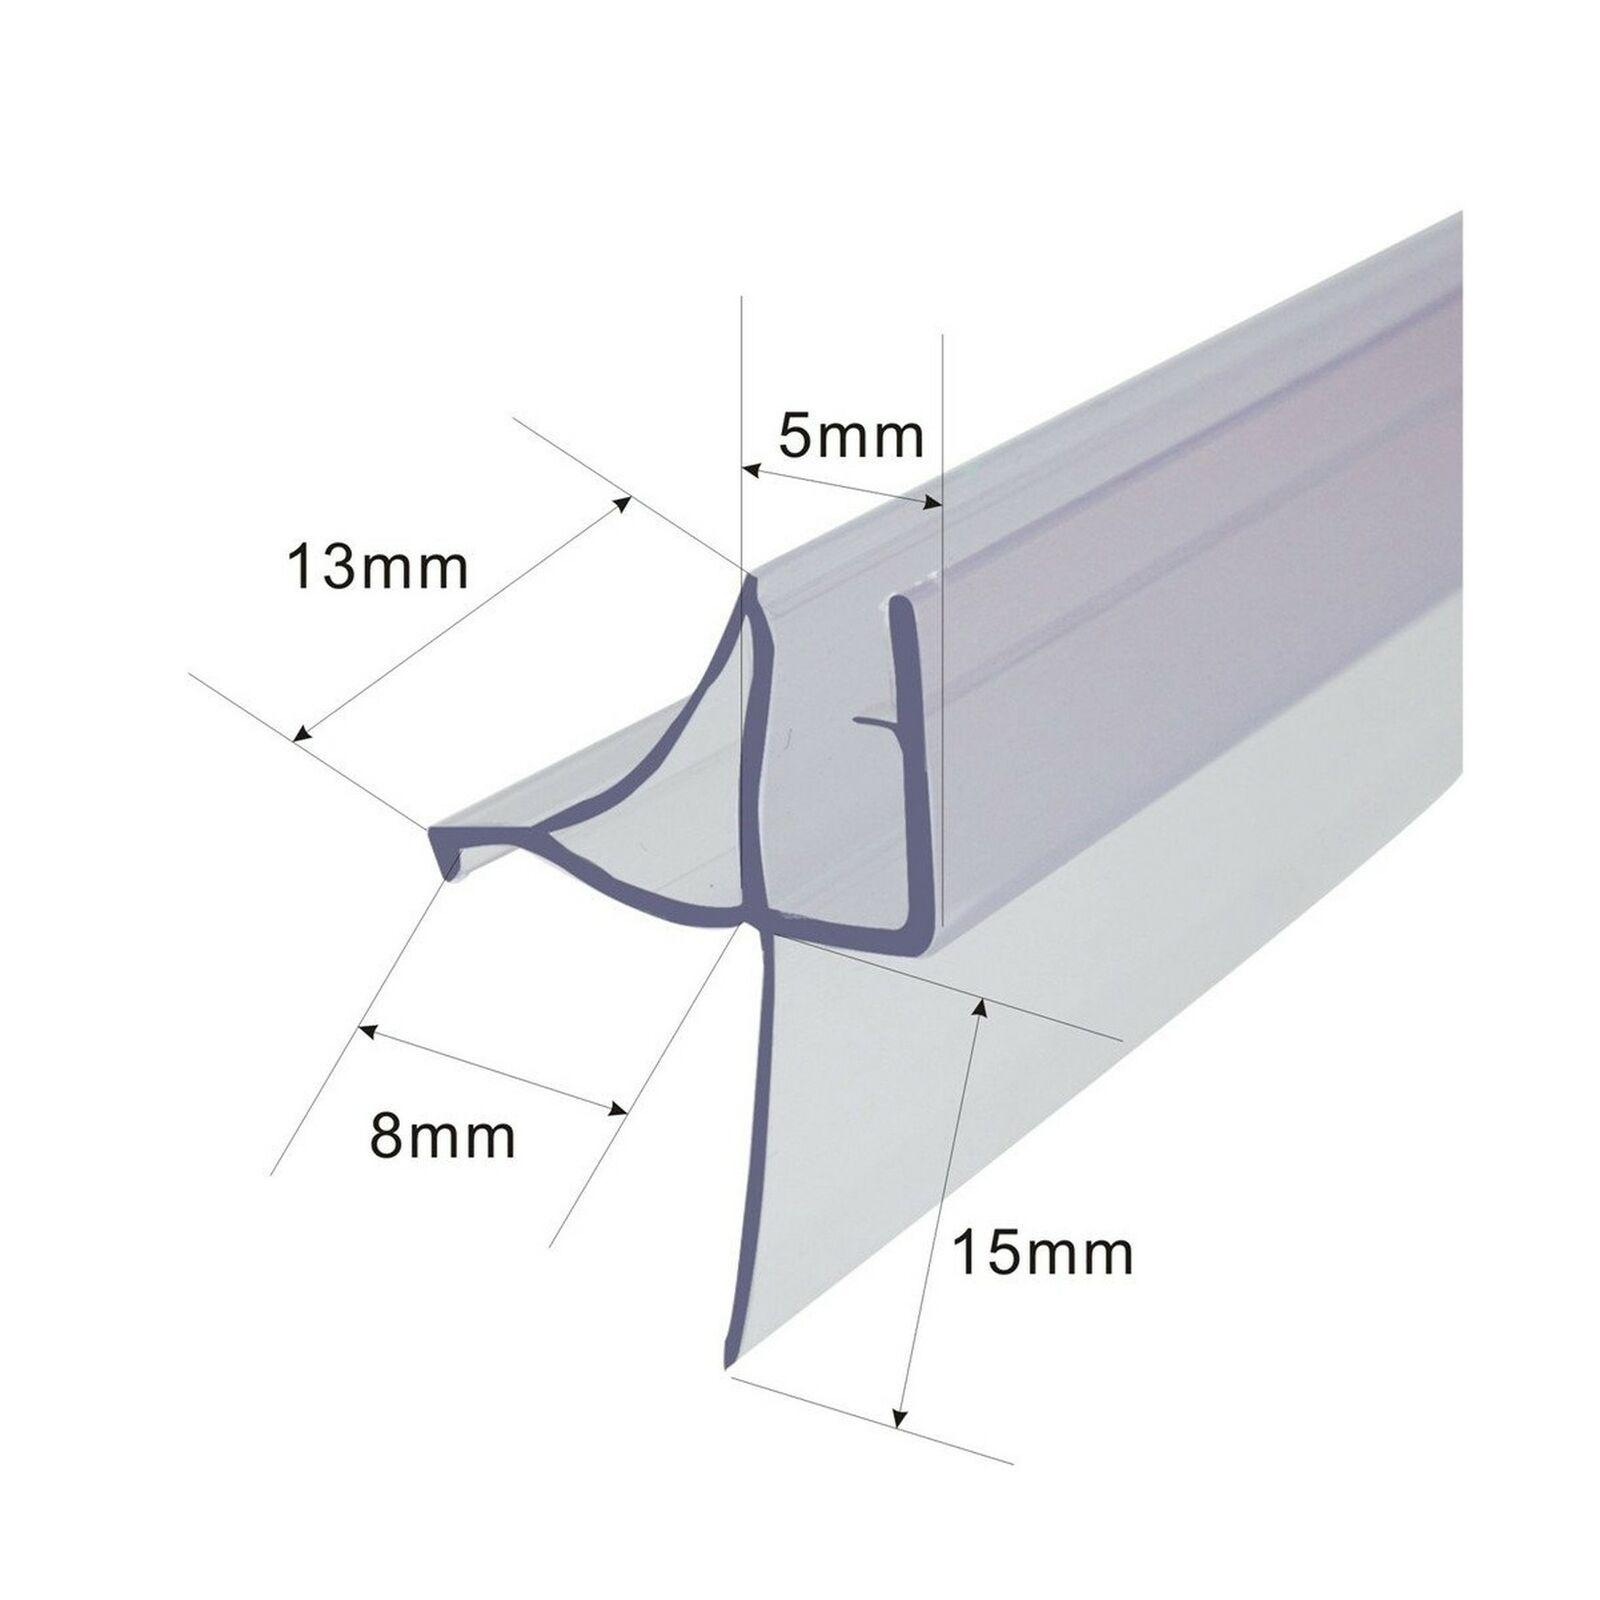 Frameless Shower Door Bottom Seal For 3 16 Inch Glass 36 Inch Long Vinyl Cl